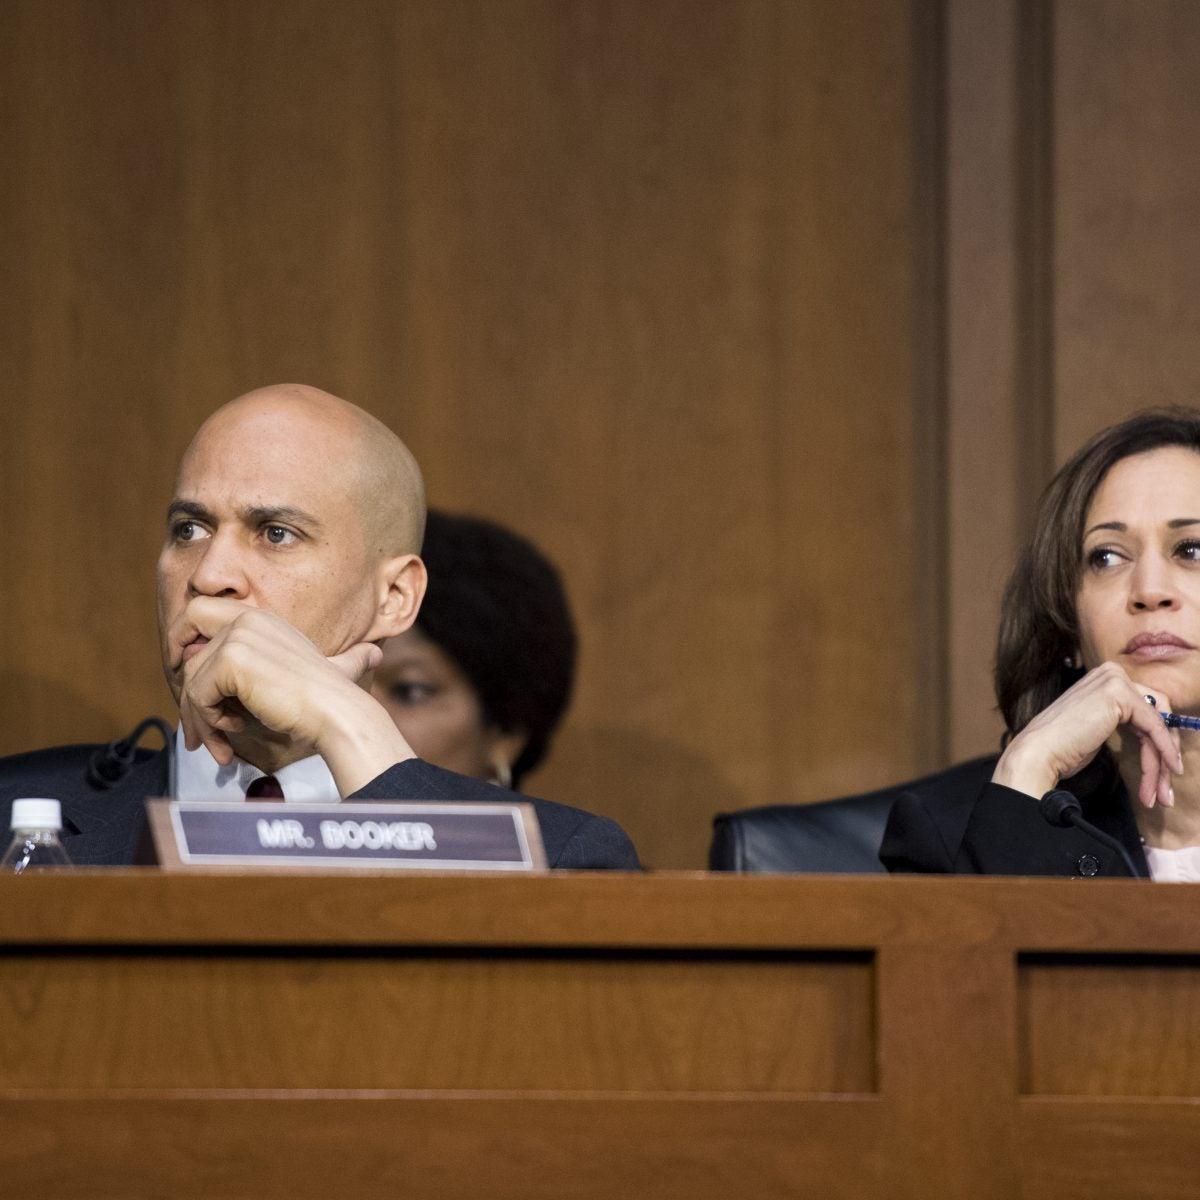 As Face Masks Become The Norm, Democratic Senators Demand Racial Bias Training